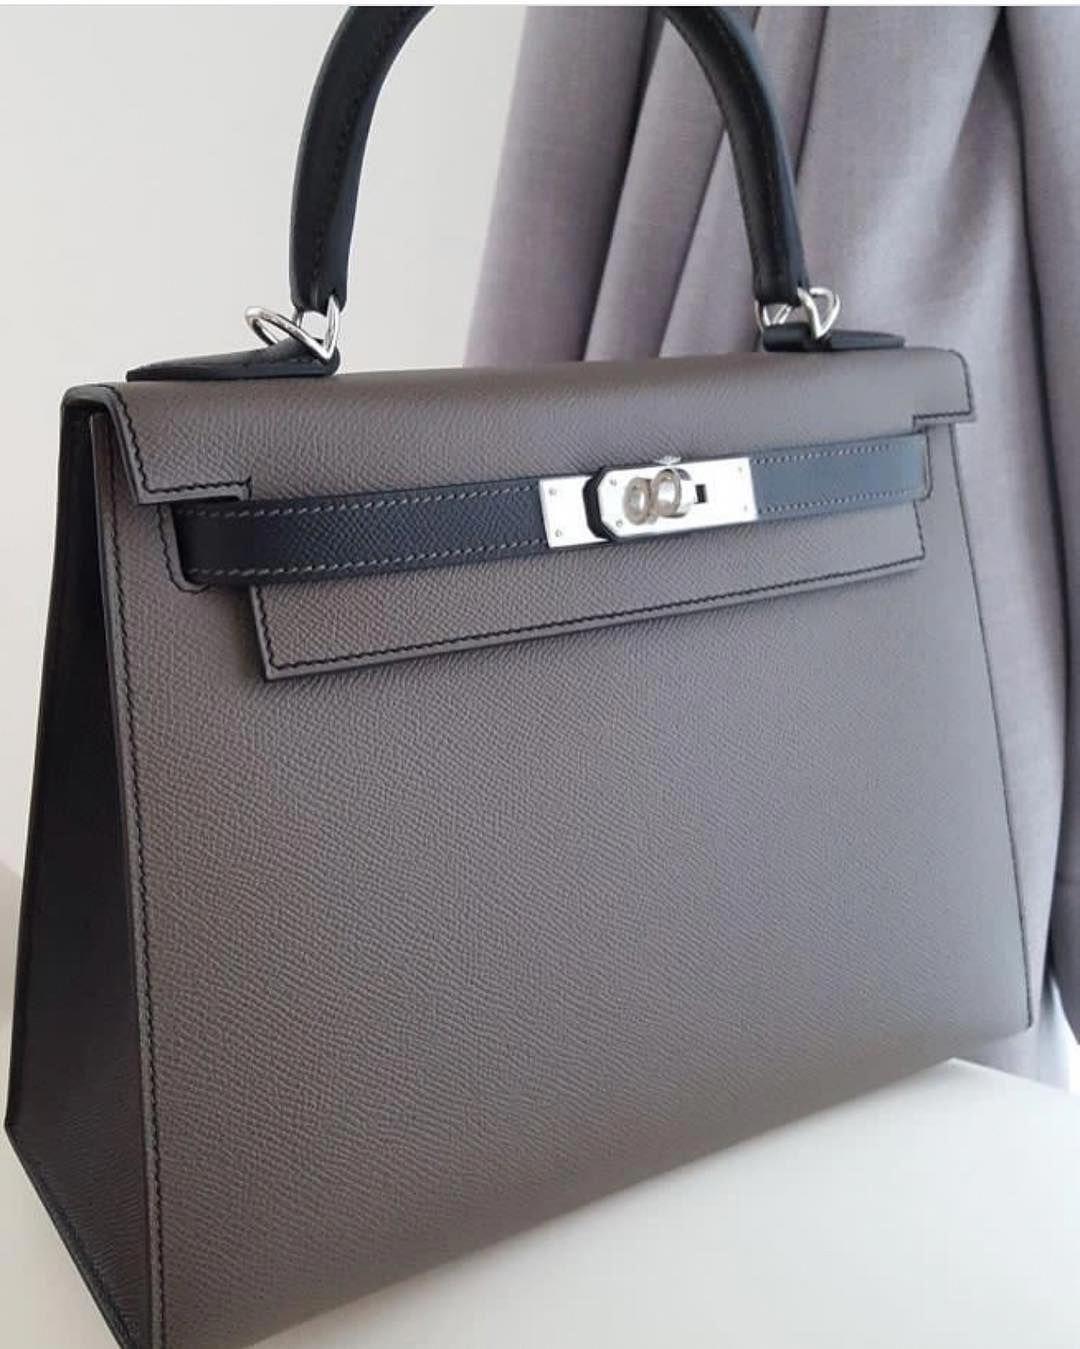 35e4b3a70f Hermes Kelly 28 Sellier HSS Etain / Black Epsom Phw A #Hermeshandbags